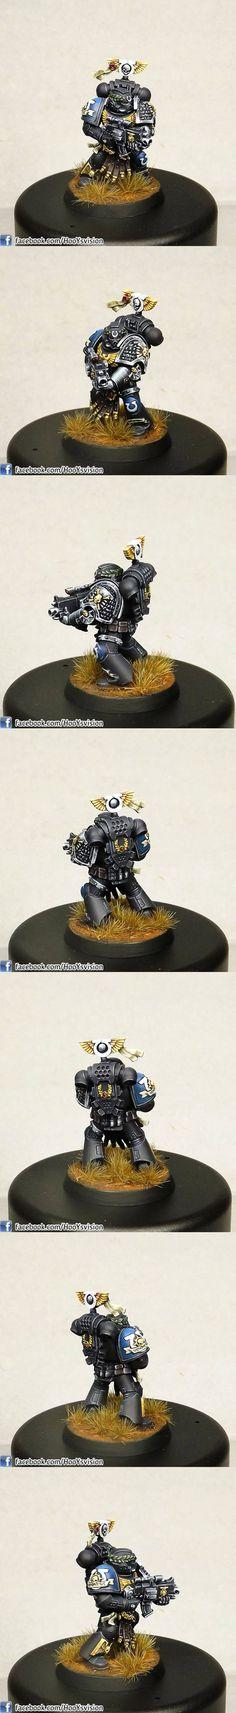 Warhammer 40k | Space Marines | Vael Donatus, Ultramarine Sternguard Veteran…